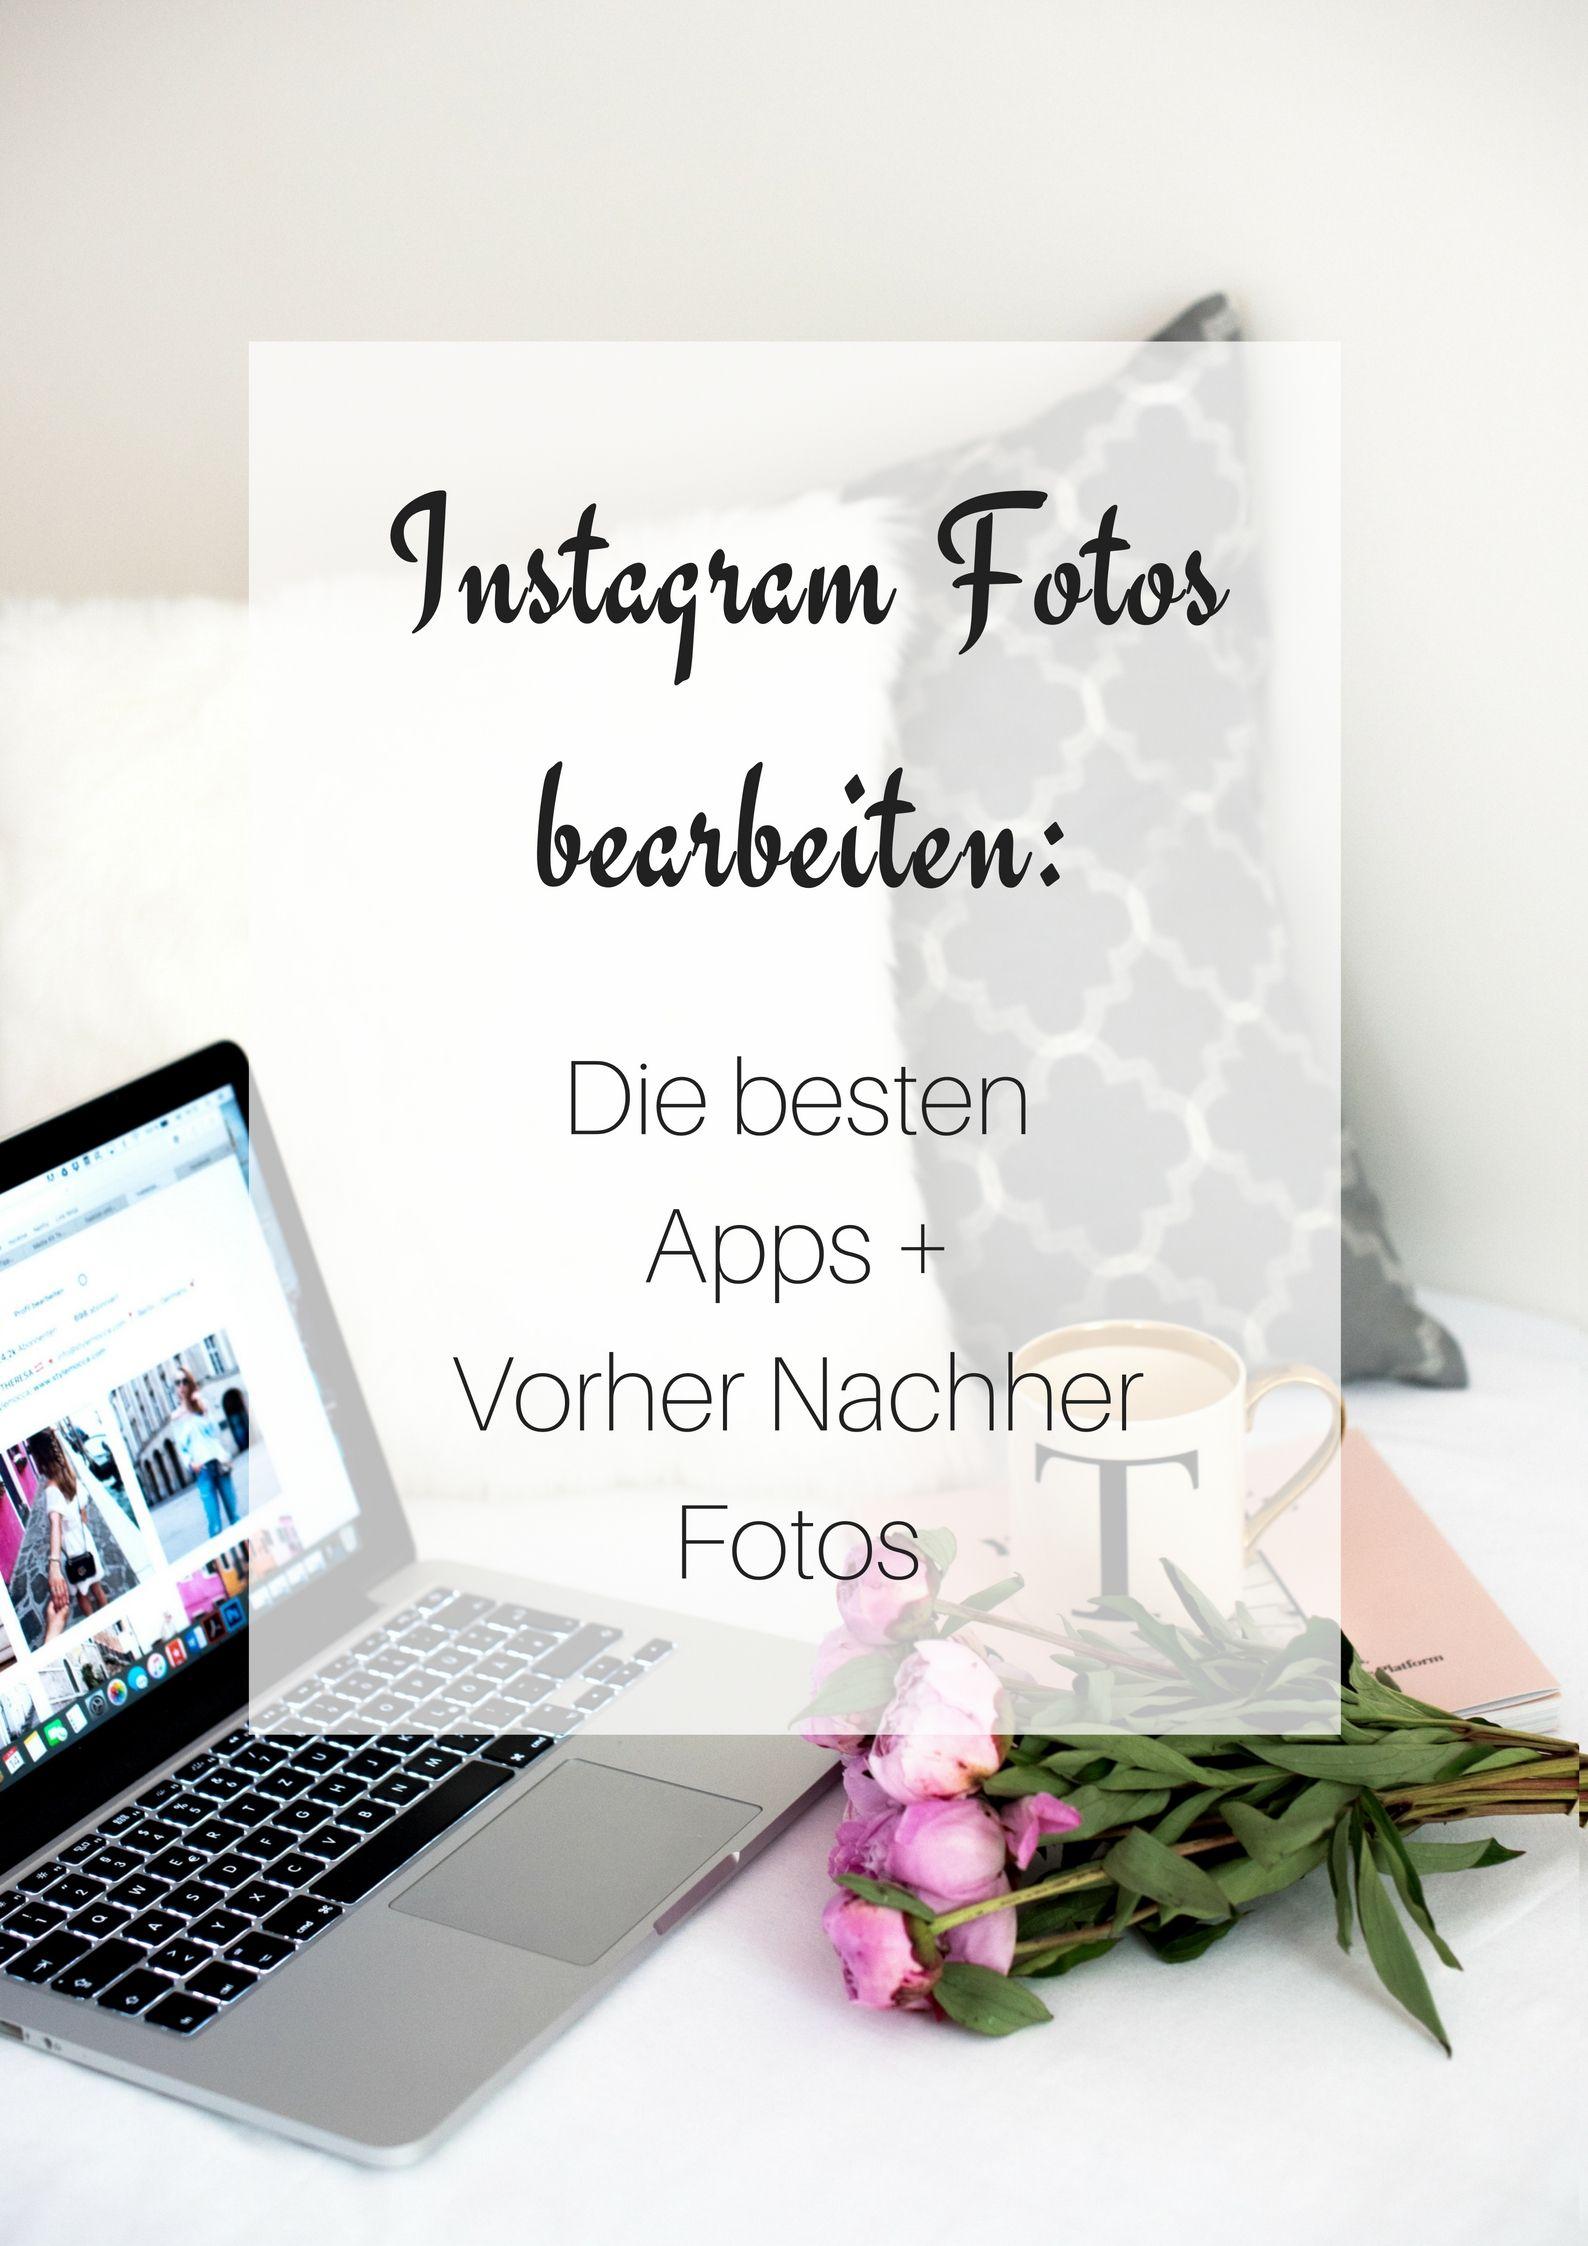 instagram fotos bearbeiten tipps tricks f r die bildbearbeitung fotos bearbeiten blogger. Black Bedroom Furniture Sets. Home Design Ideas